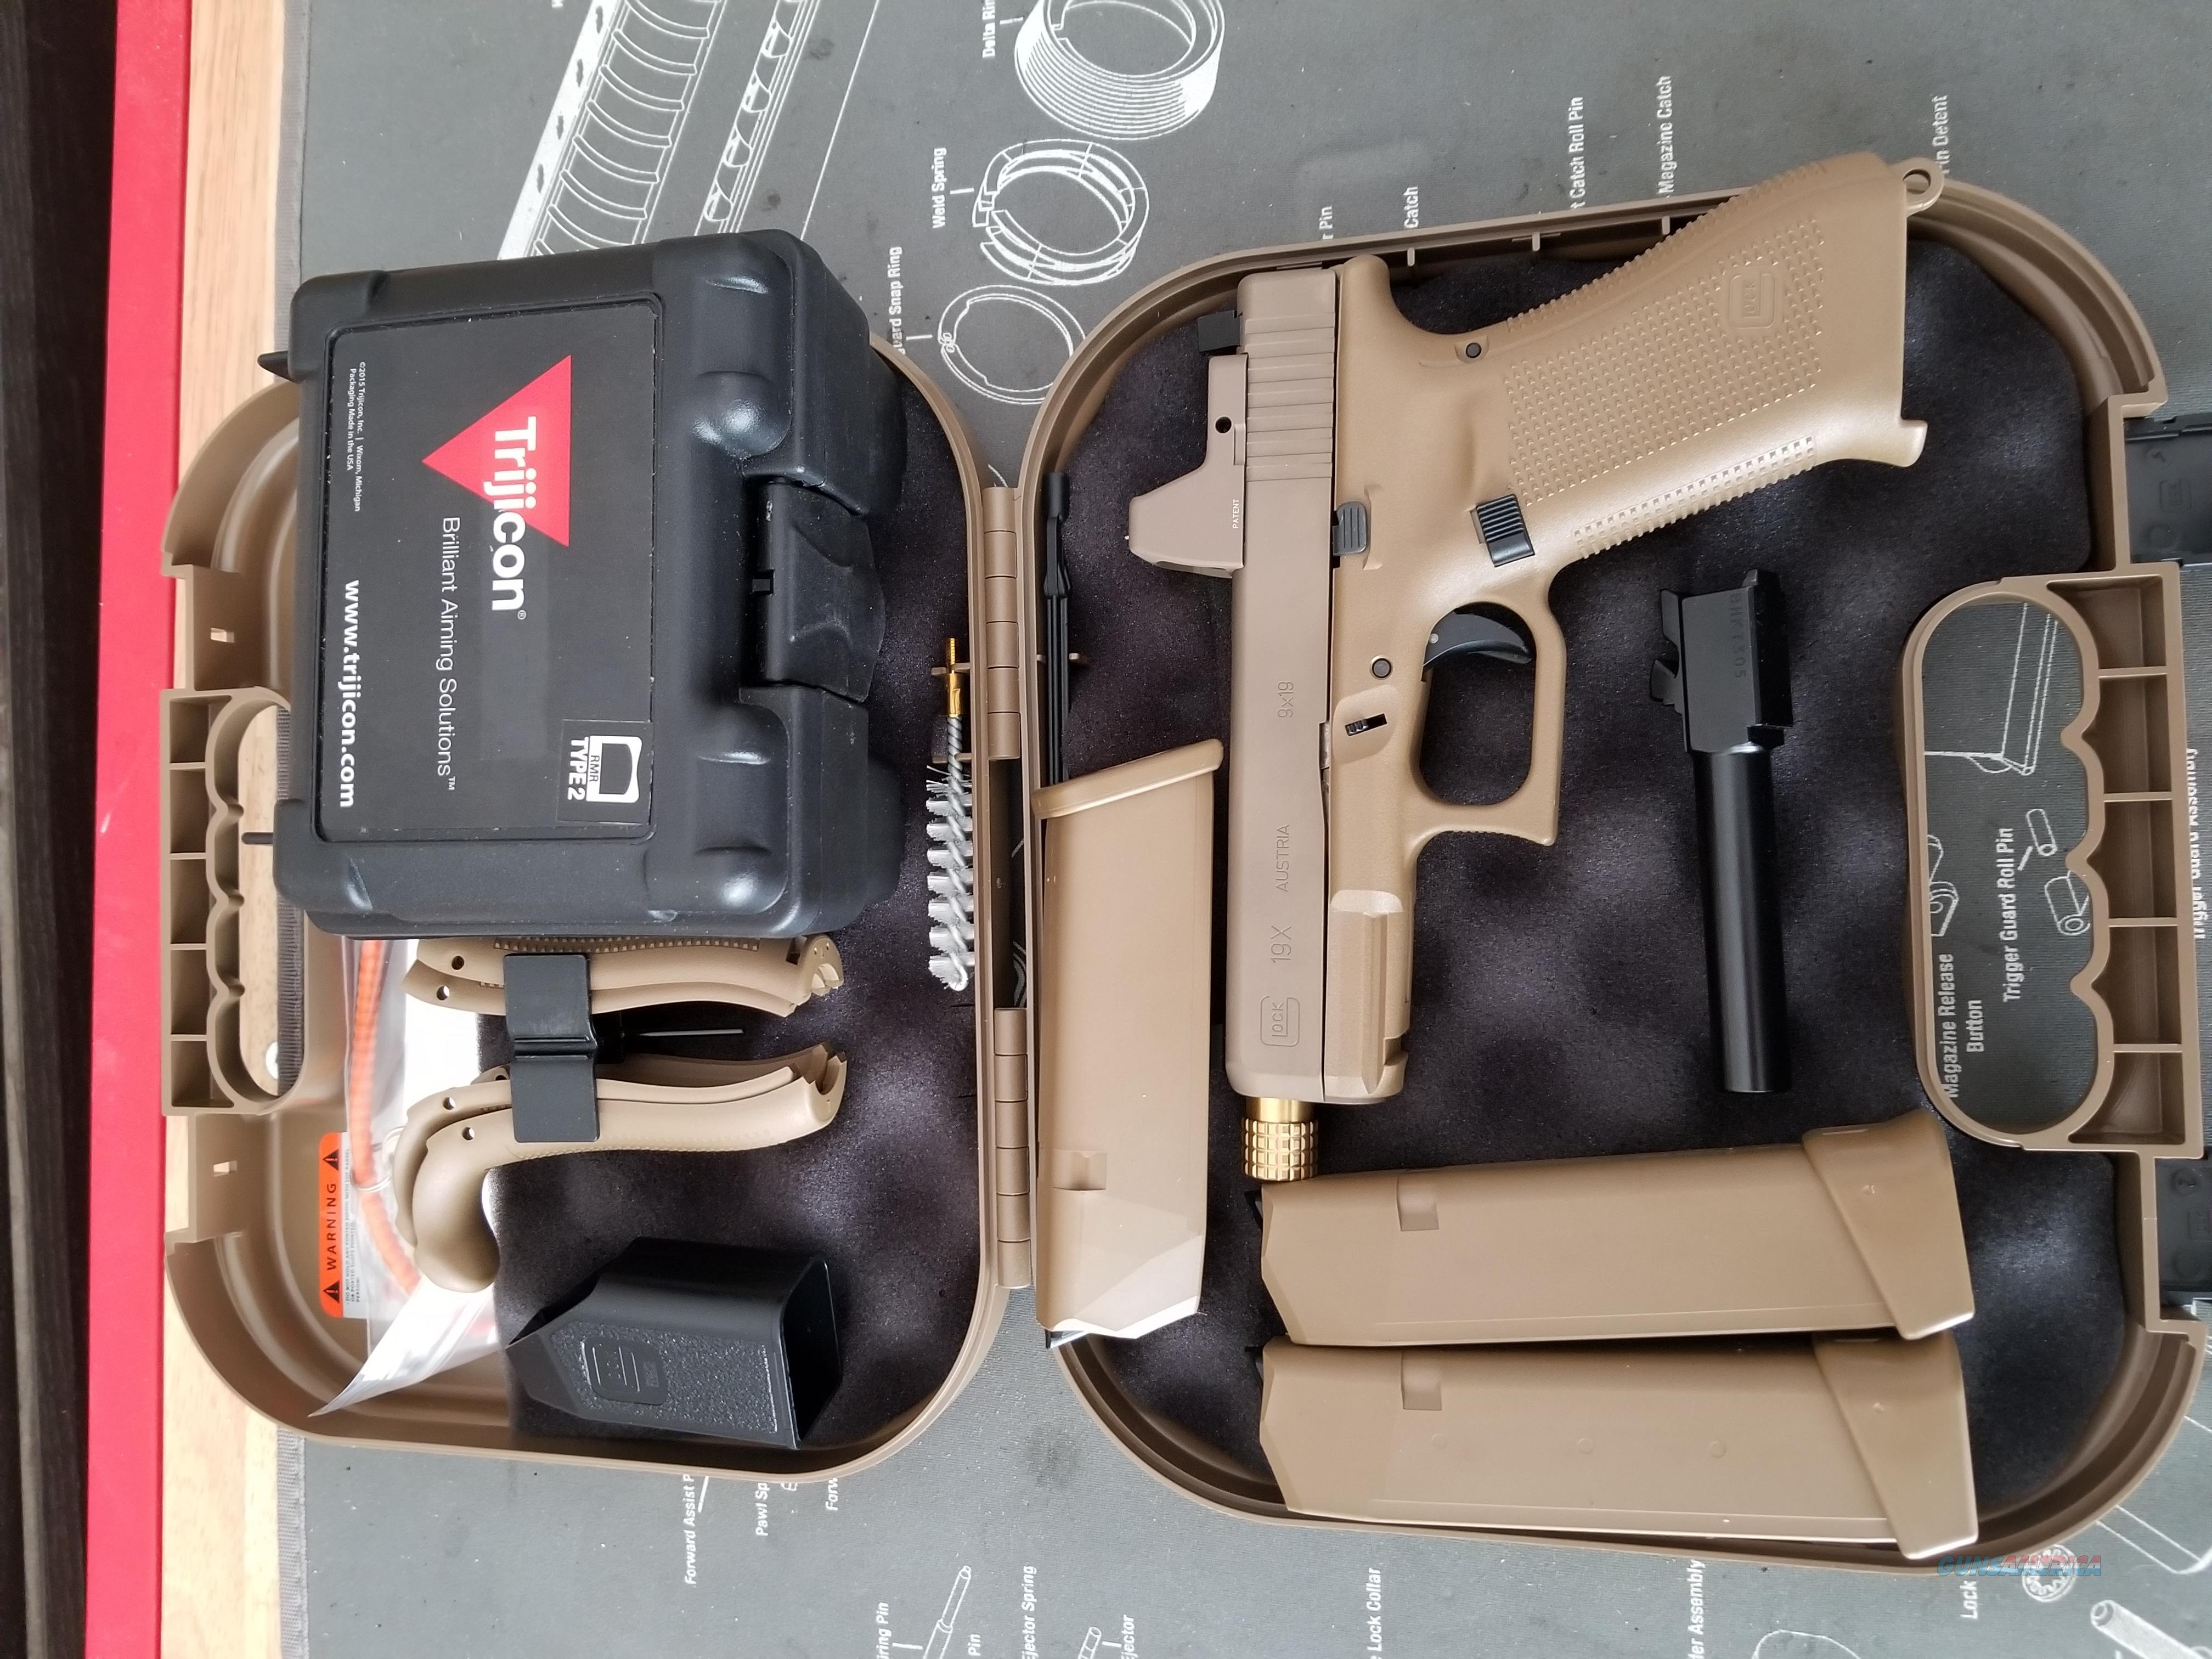 Glock 19X Custom RMR Suppressor Ready